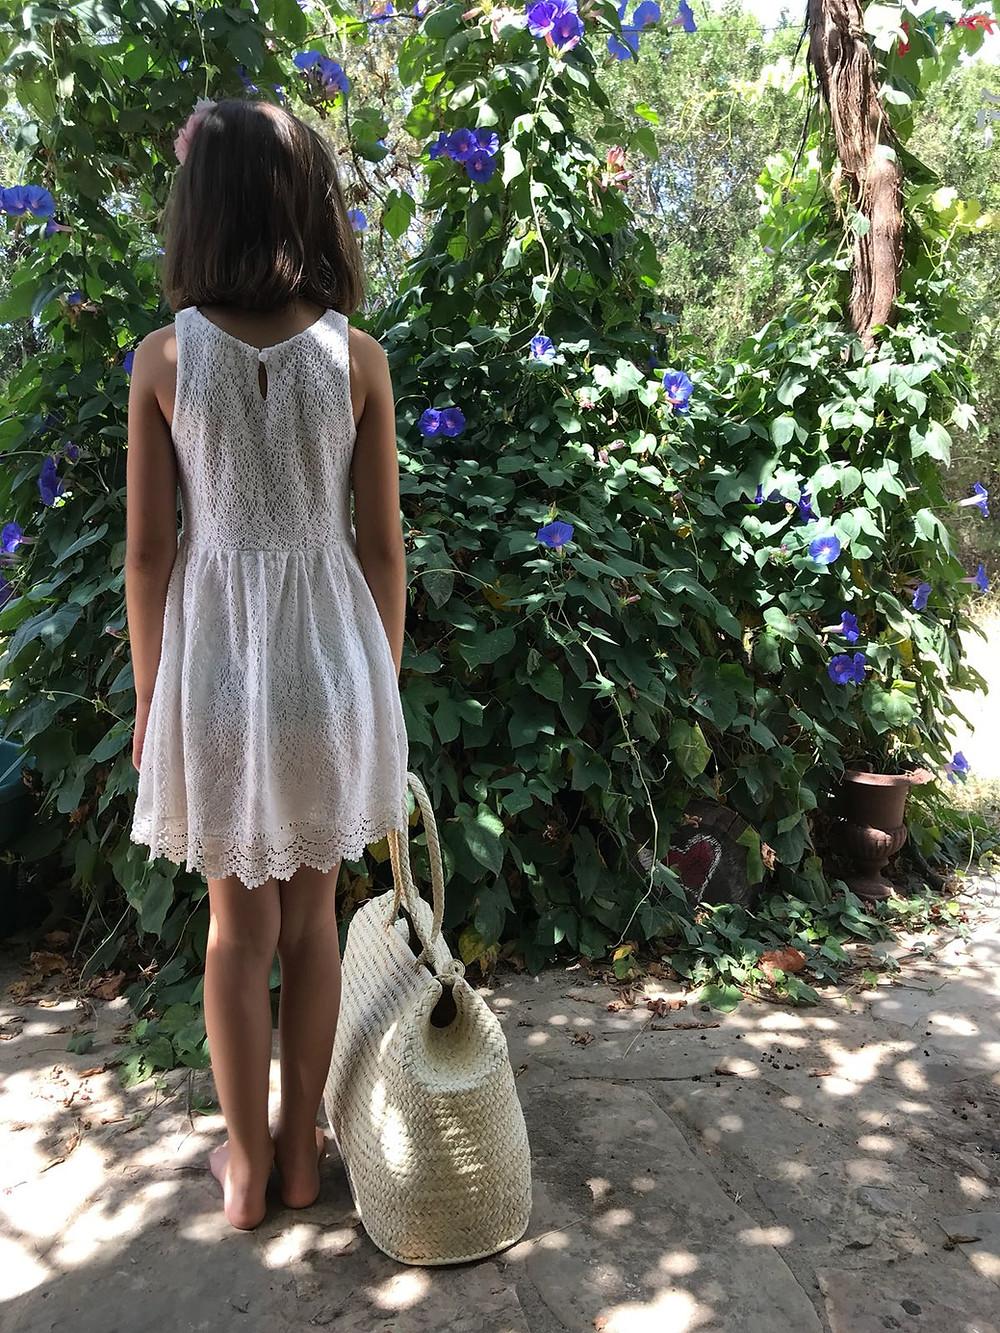 Antic Mallorca bolsos de palmito espectaculares. Cool craft bags.